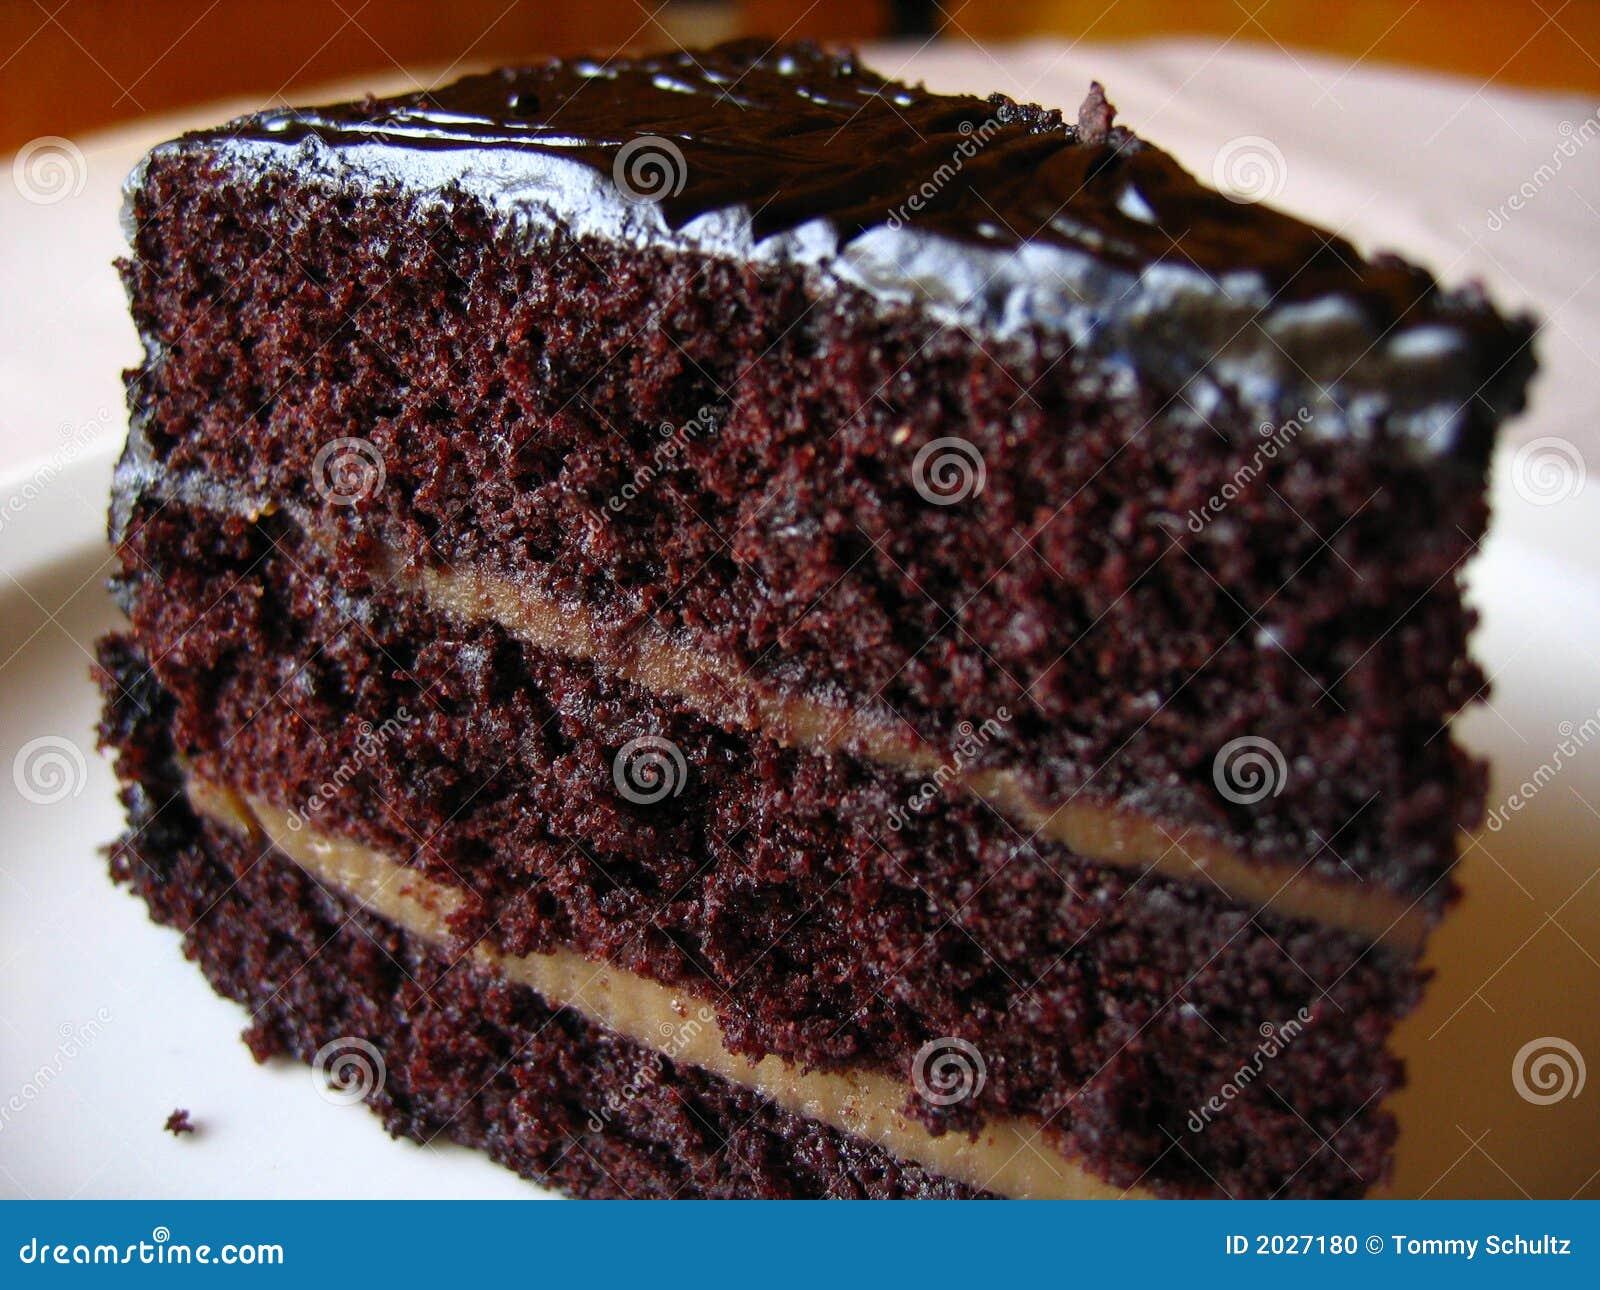 Tasty Chocolate Cake Images : Delicious Chocolate Cake Stock Photo - Image: 2027180